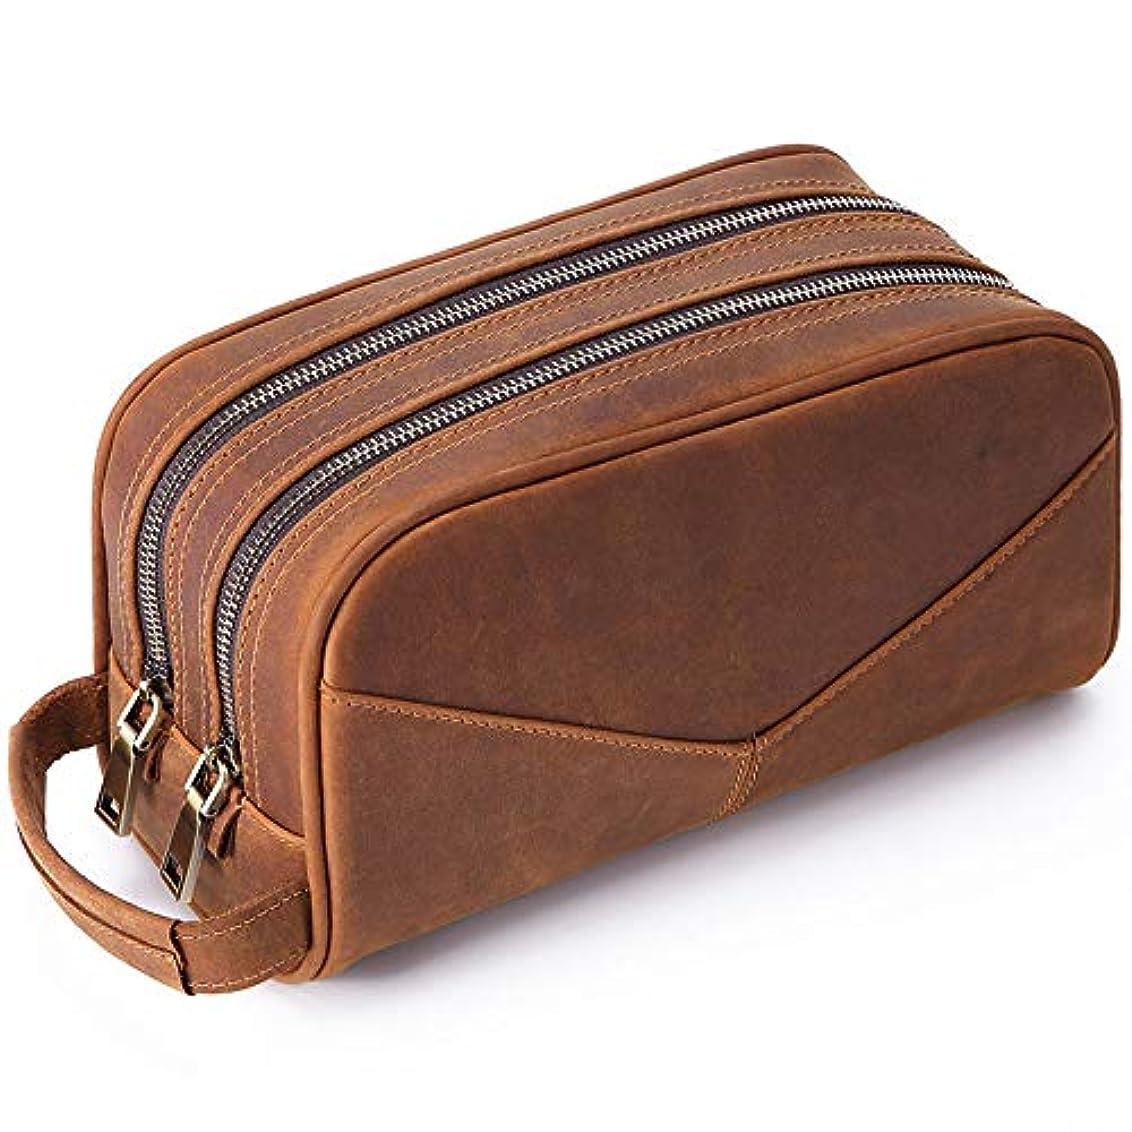 日常的に残基画像男性女性のための多機能化粧ウォッシュバッグカジュアルレザー二層化粧品バッグ-brown